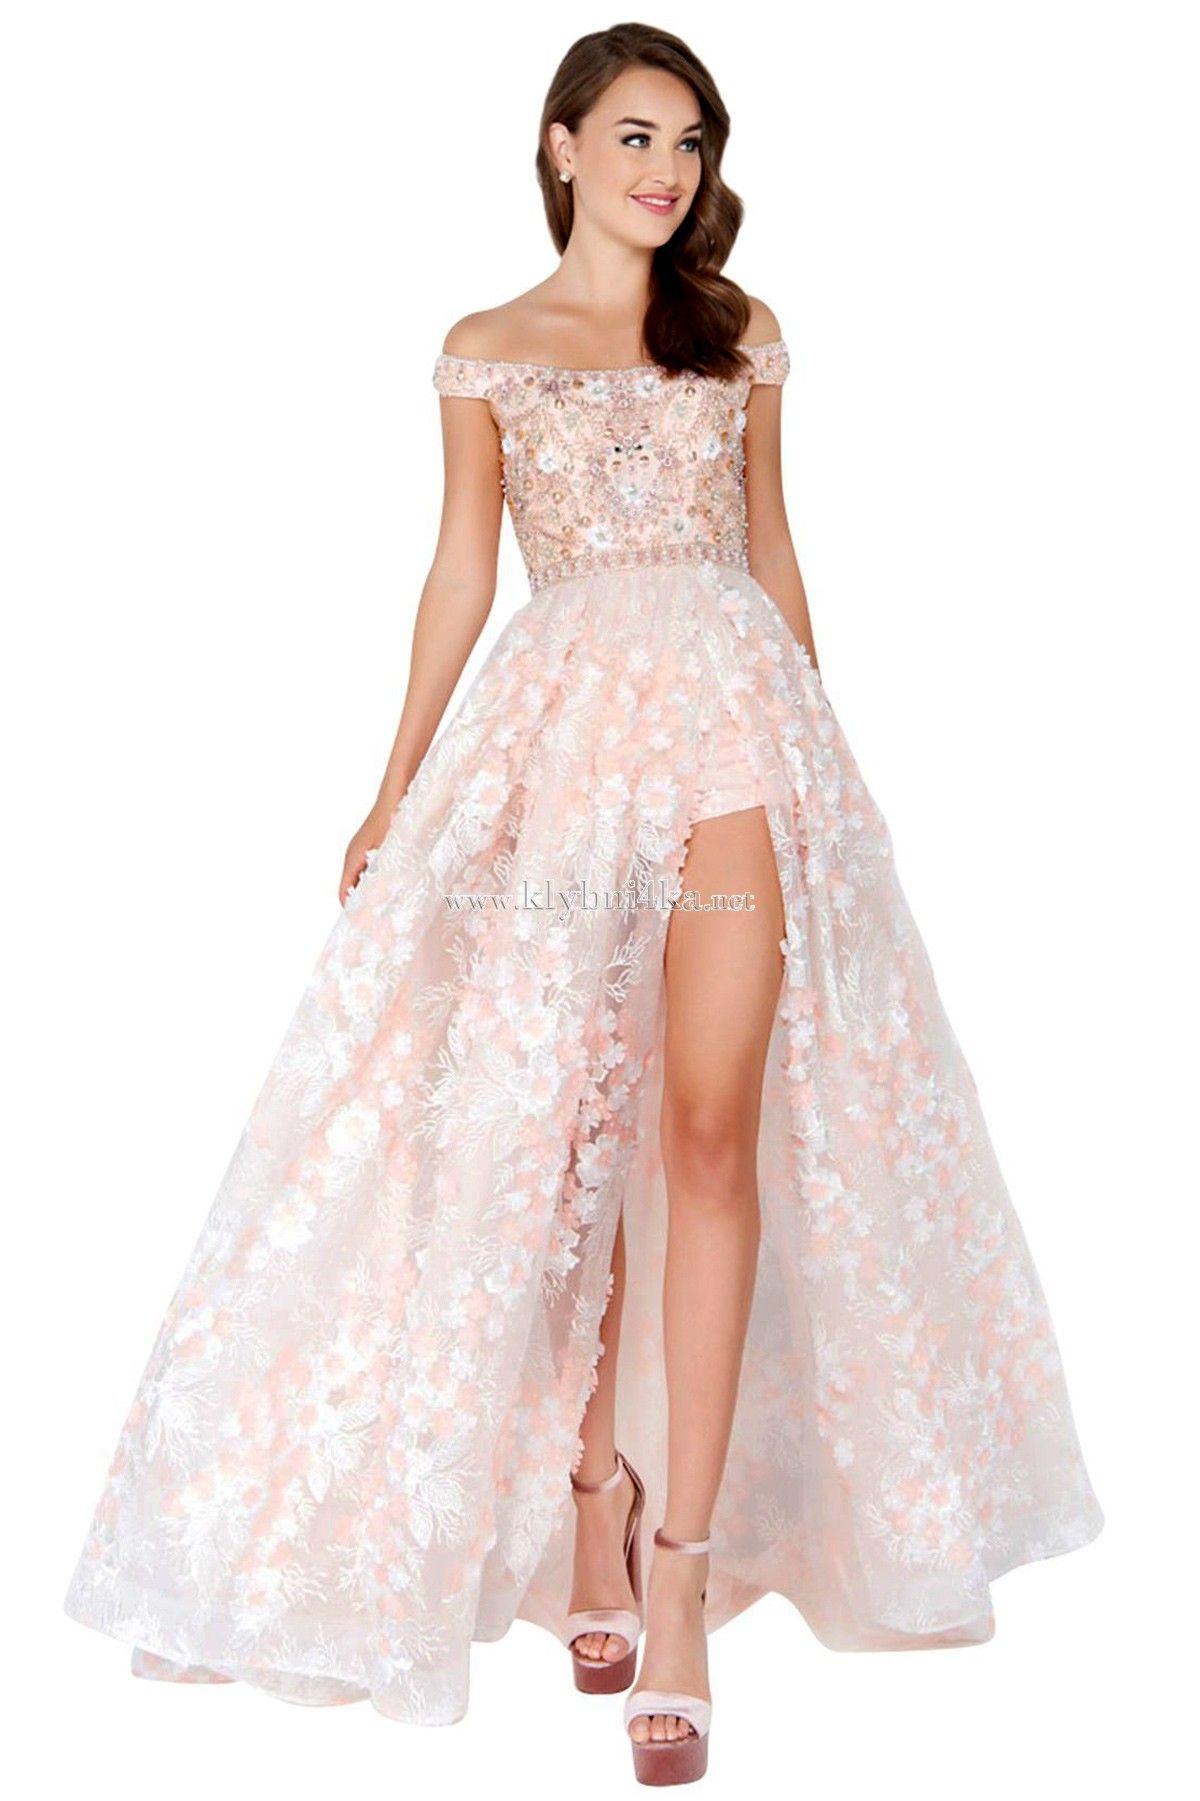 59f364688f9 Пикантное вечернее платье  праздничноеплатье  эксклюзив  style